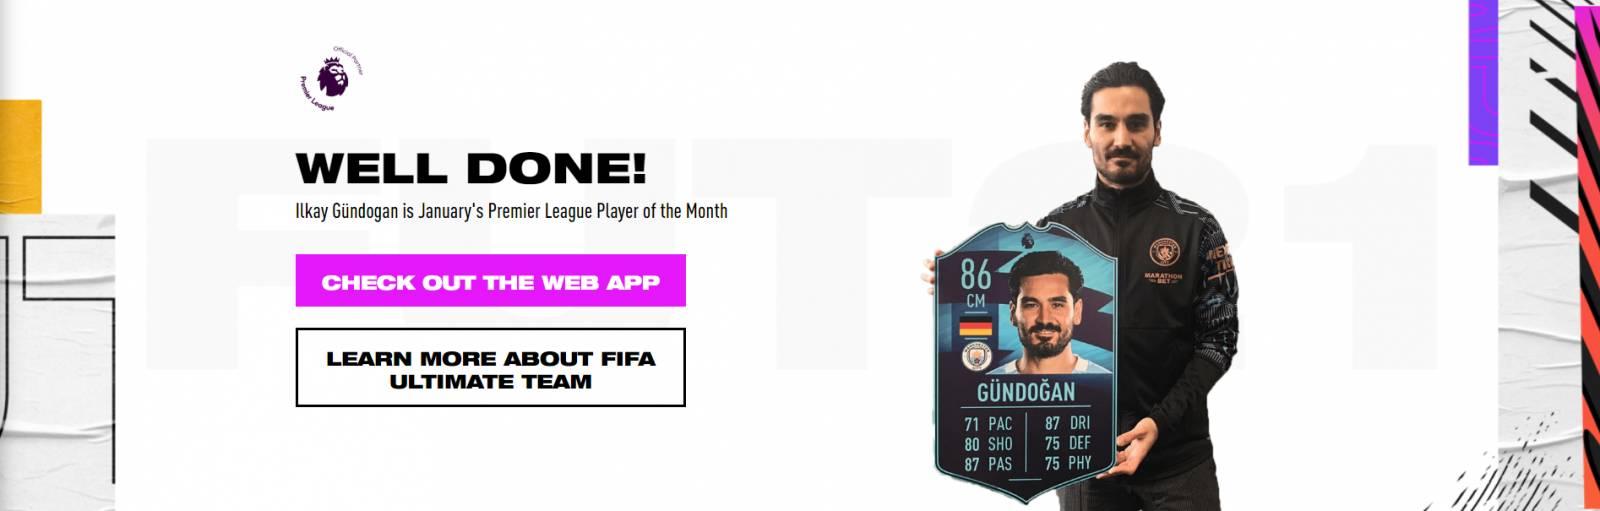 POTM FIFA EA